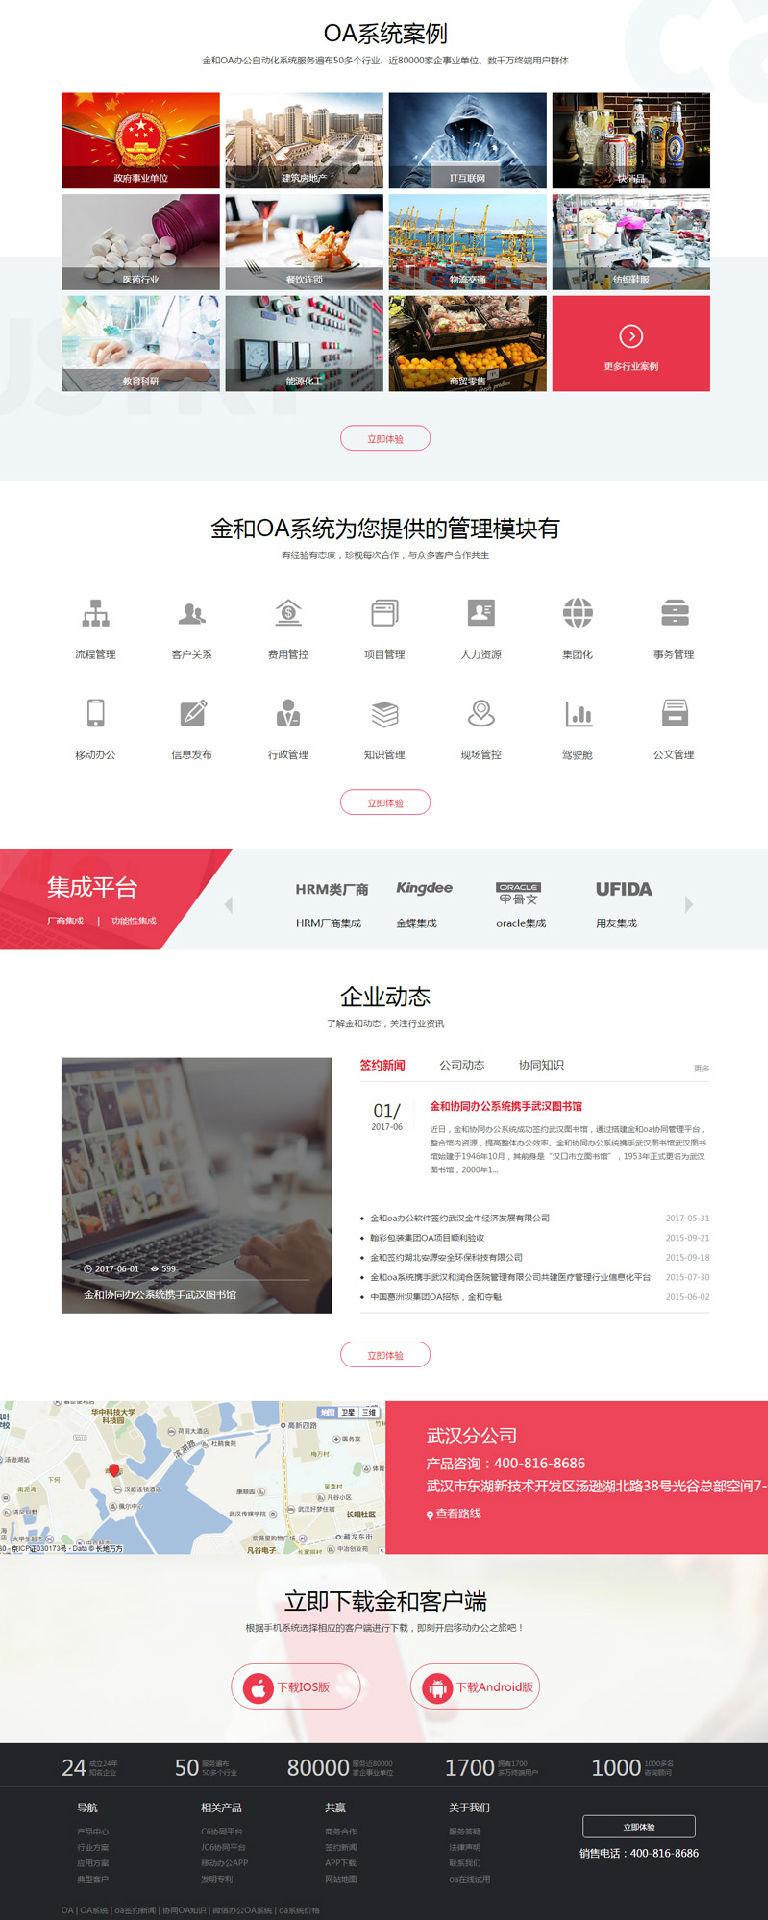 办公软件网站建设-金和网络企业建站案例